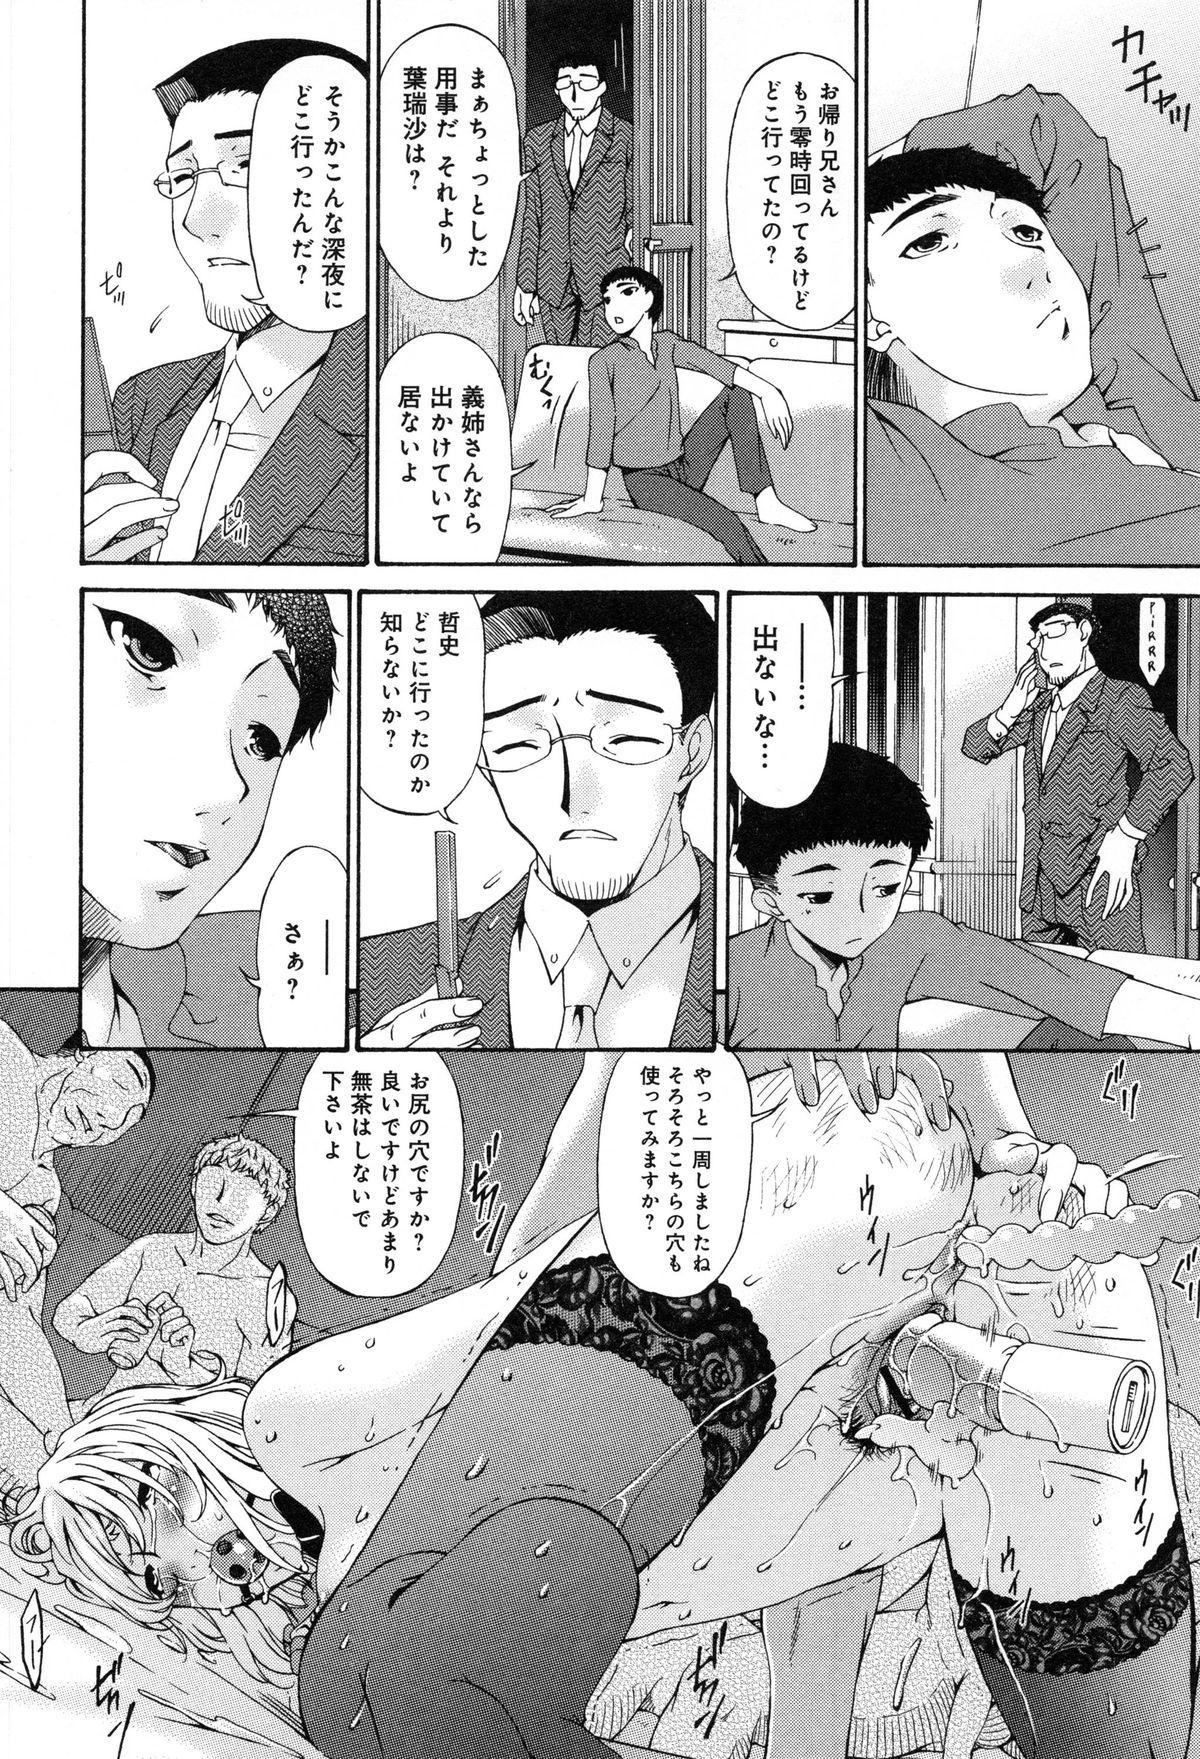 Shinshoku no Toki 144